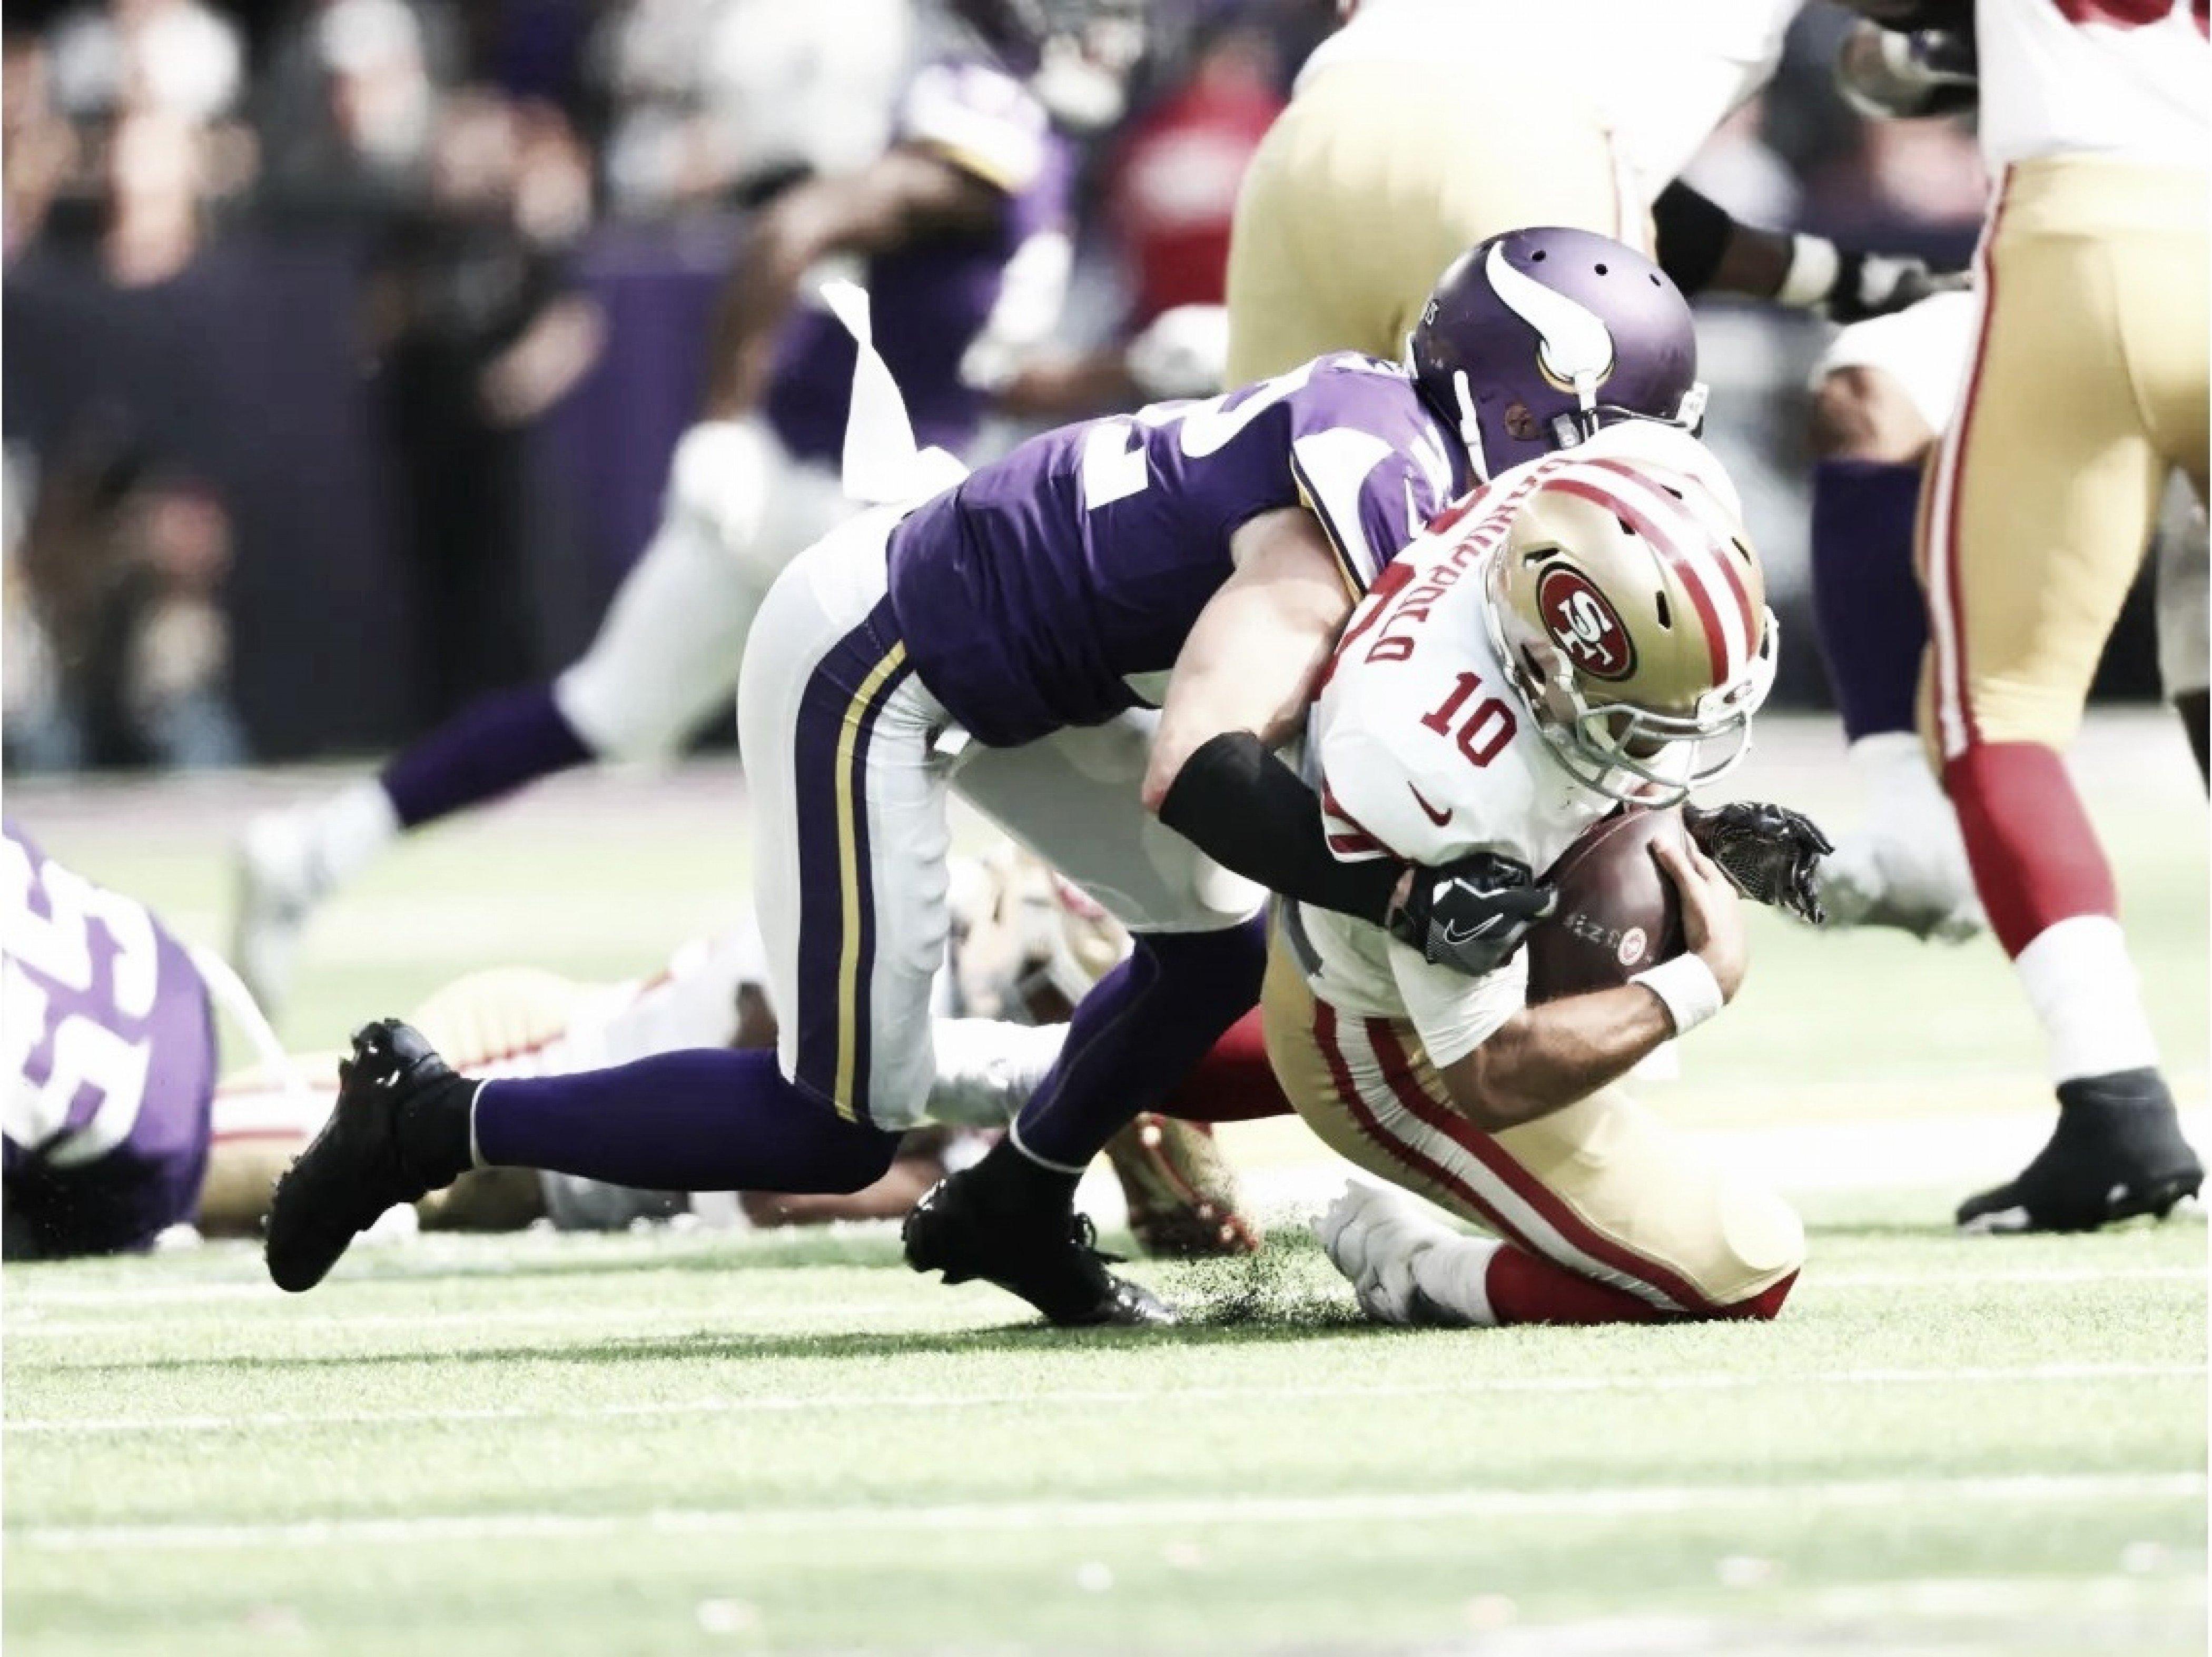 Em estreia tímida de Cousins, defesa comanda a vitória dos Vikings contra 49ers